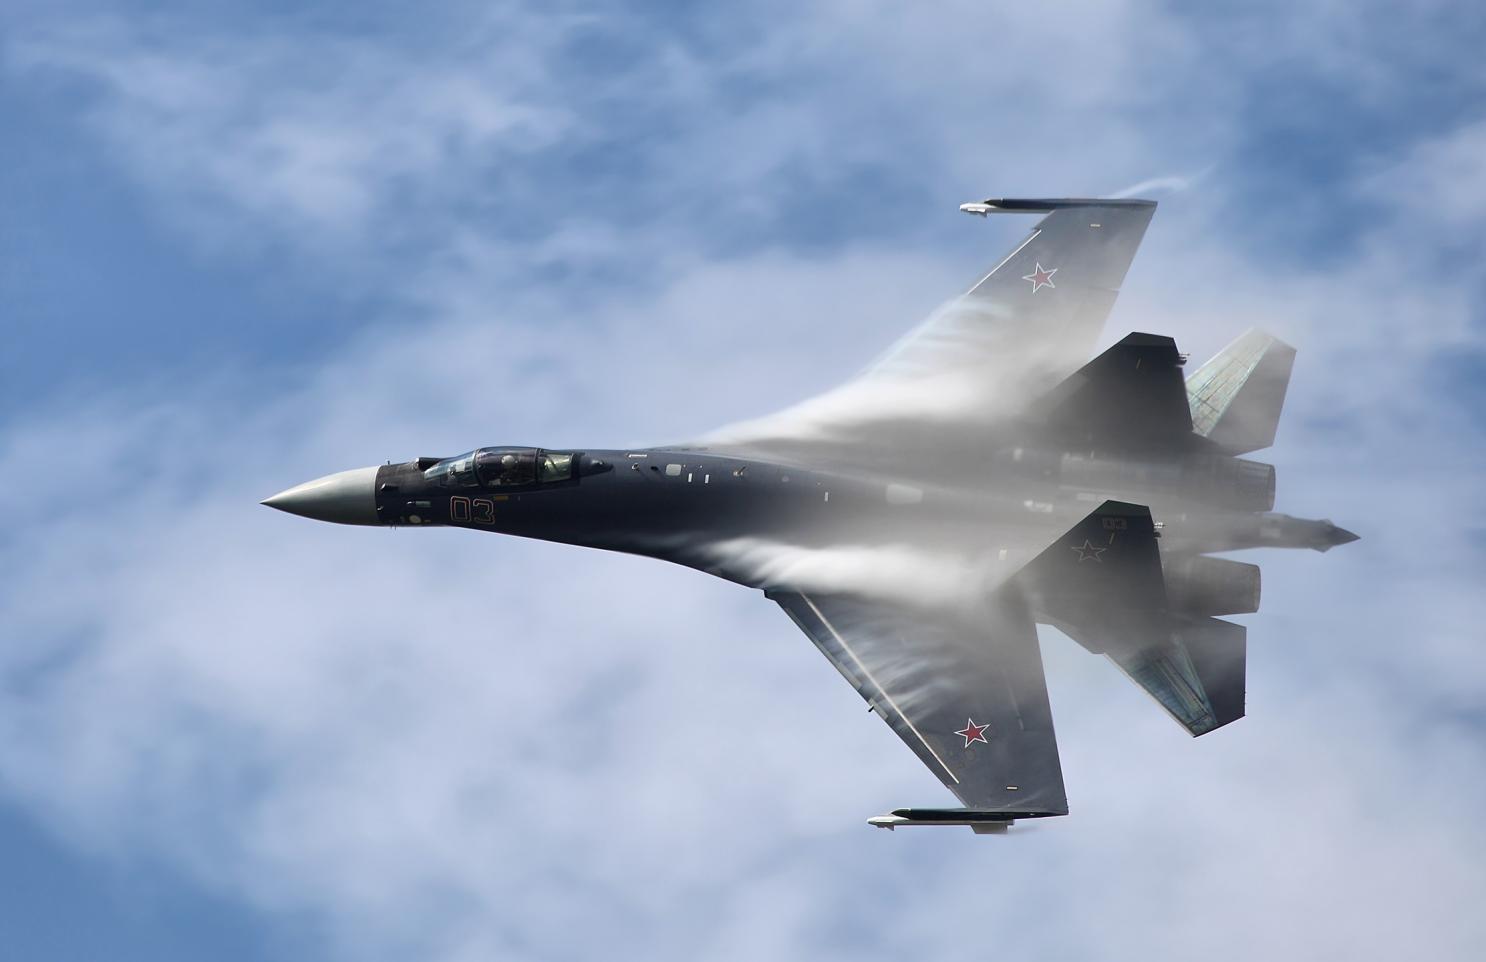 Ρωσικό Su-35: Η «αχίλλειος πτέρνα» του ισχυρότερου μαχητικού της ΠΑ